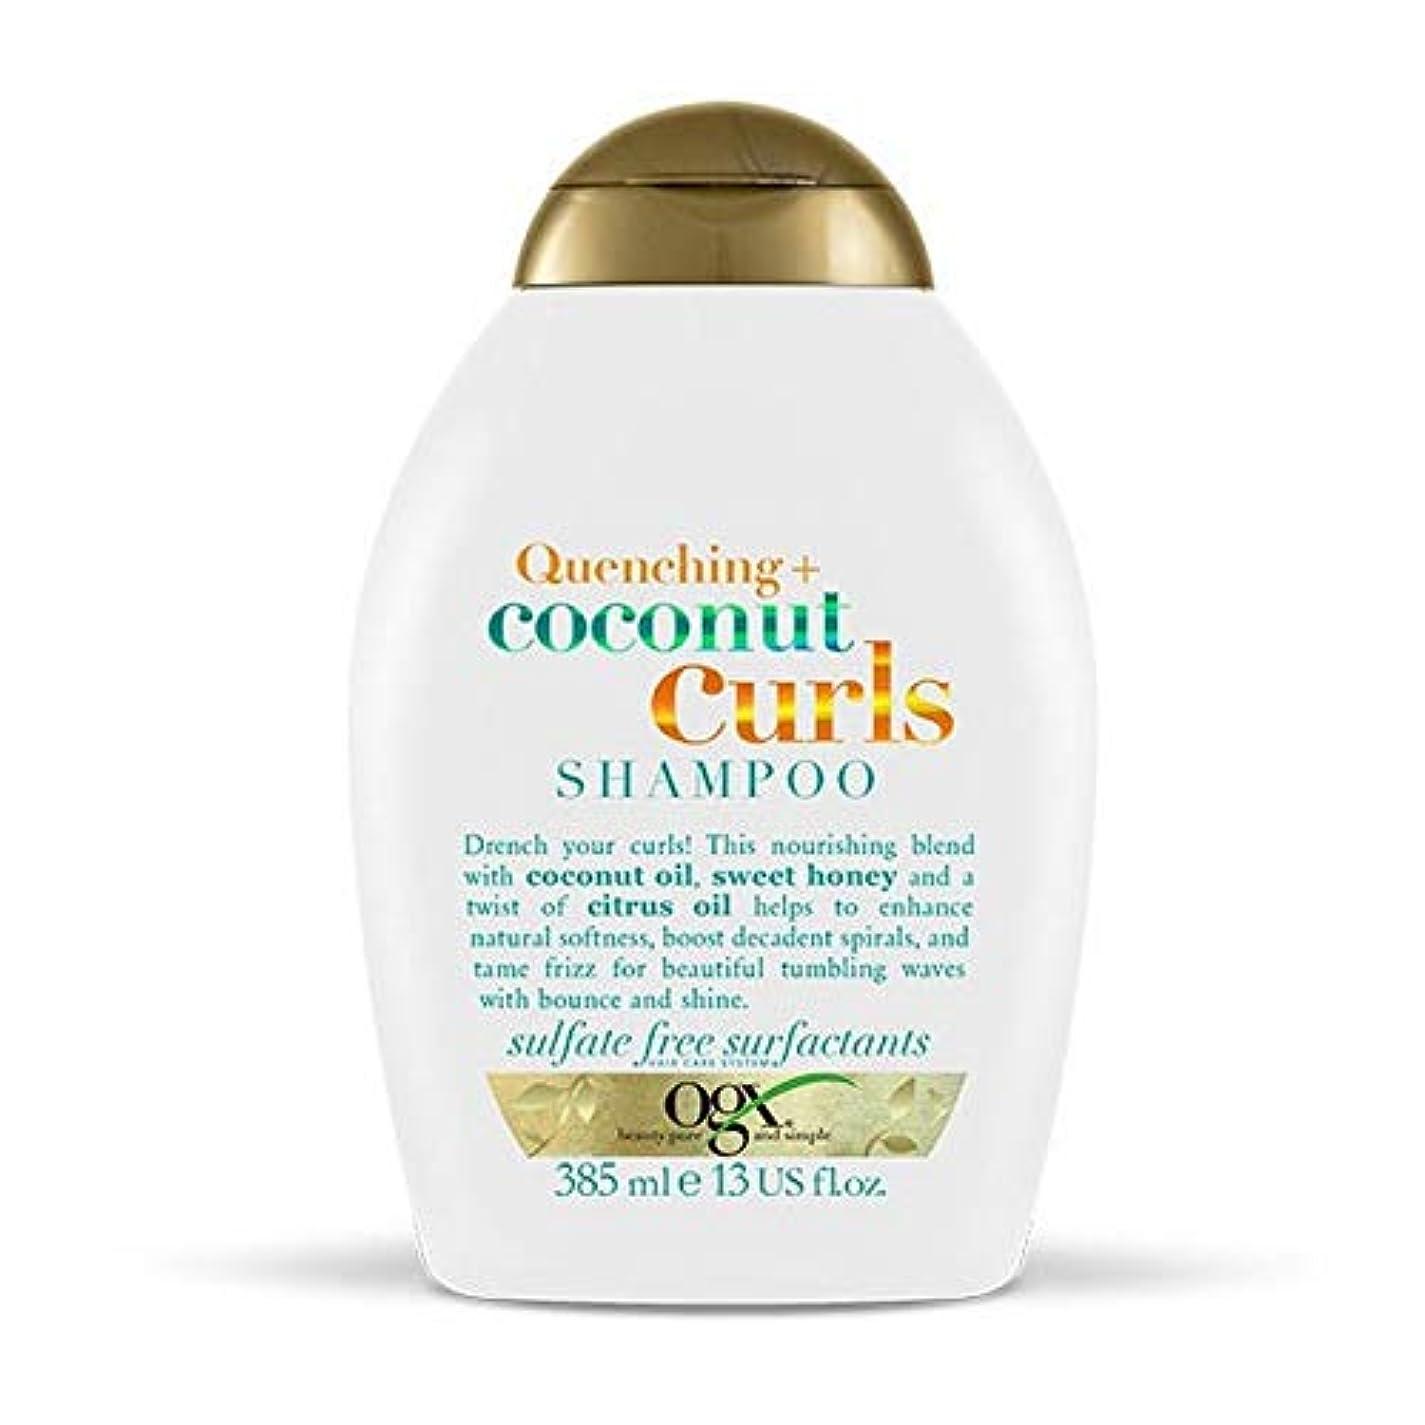 聴覚障害者ノベルティ処方[Ogx] Ogx消光ココナッツカールシャンプー385ミリリットル - OGX Quenching Coconut Curls Shampoo 385ml [並行輸入品]